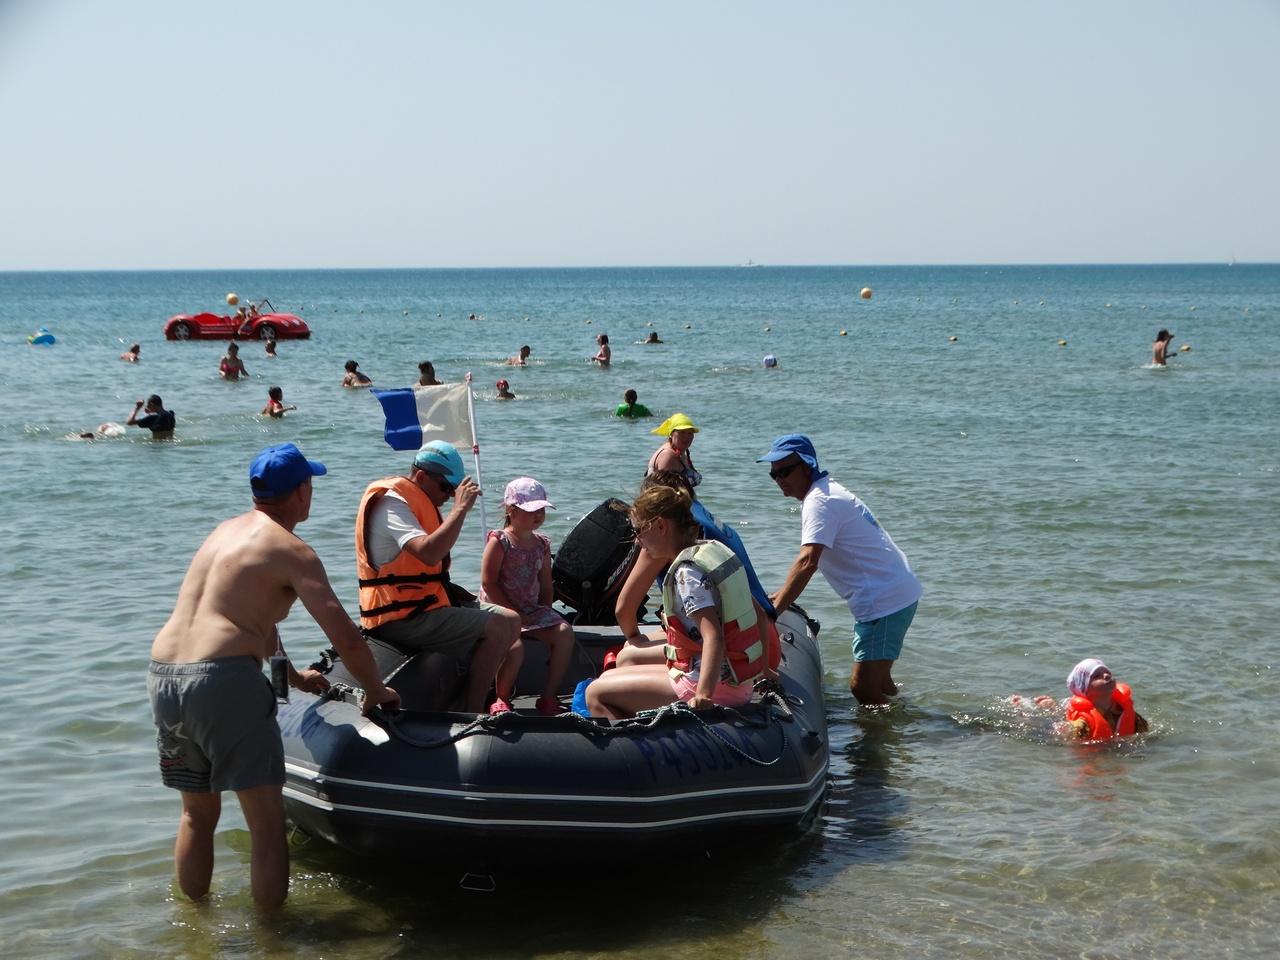 катание на лодке в анапе